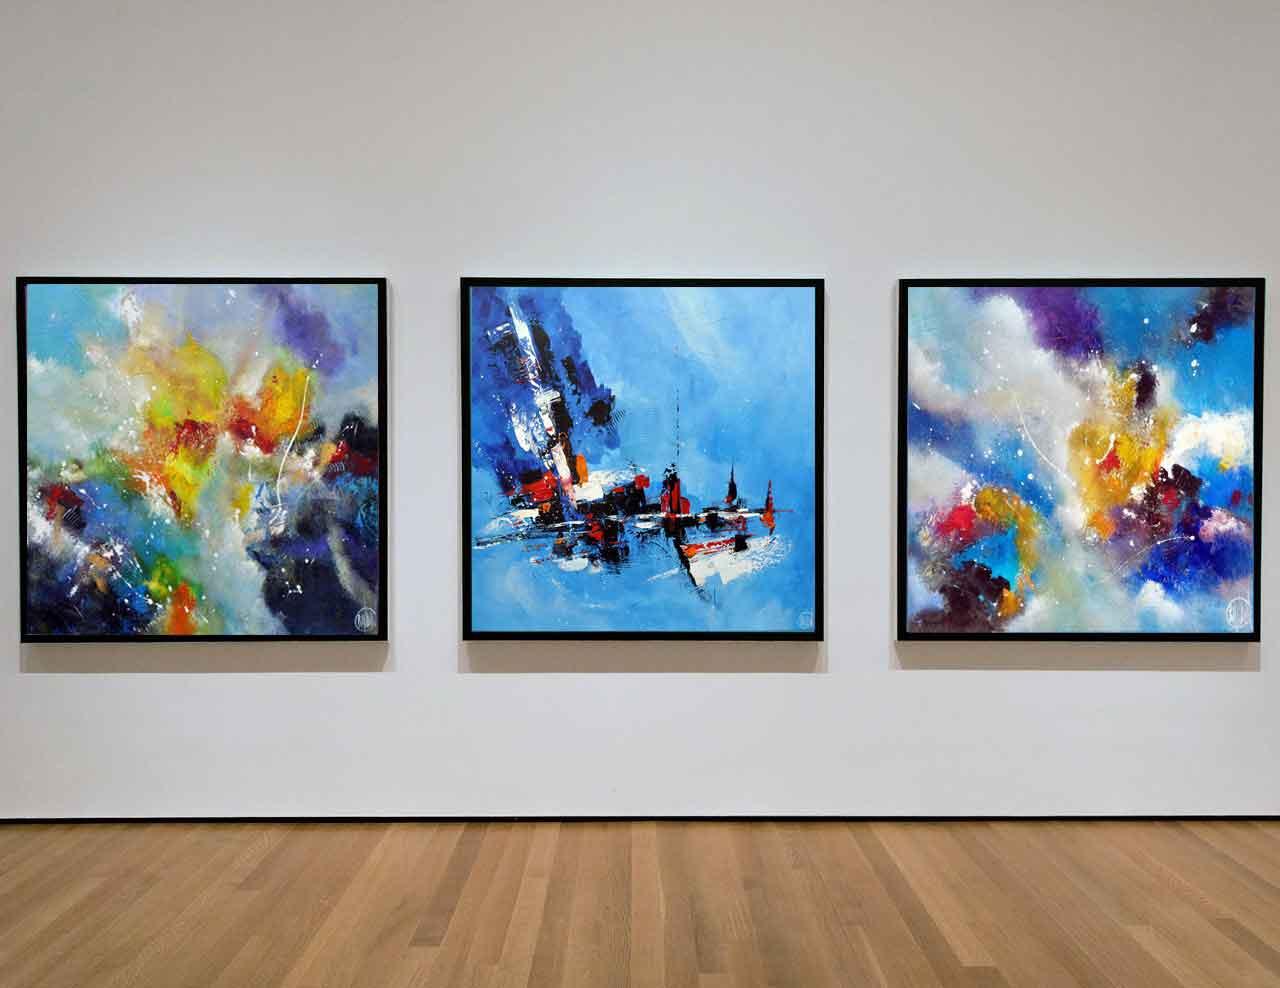 3 tableaux réalisés par Christophe Baudin